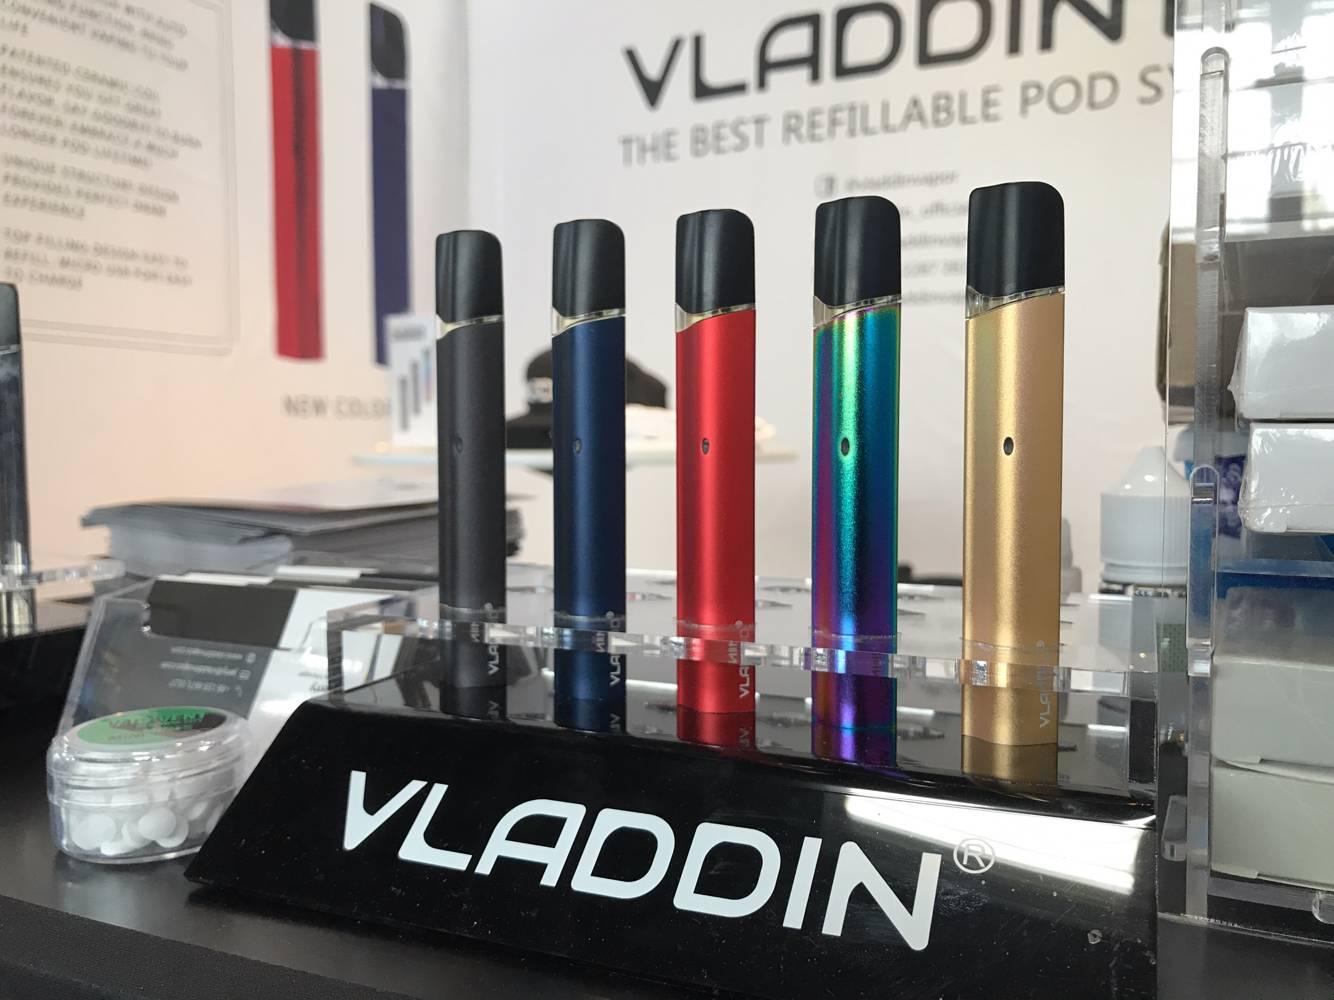 Vladdin Vapeven-3